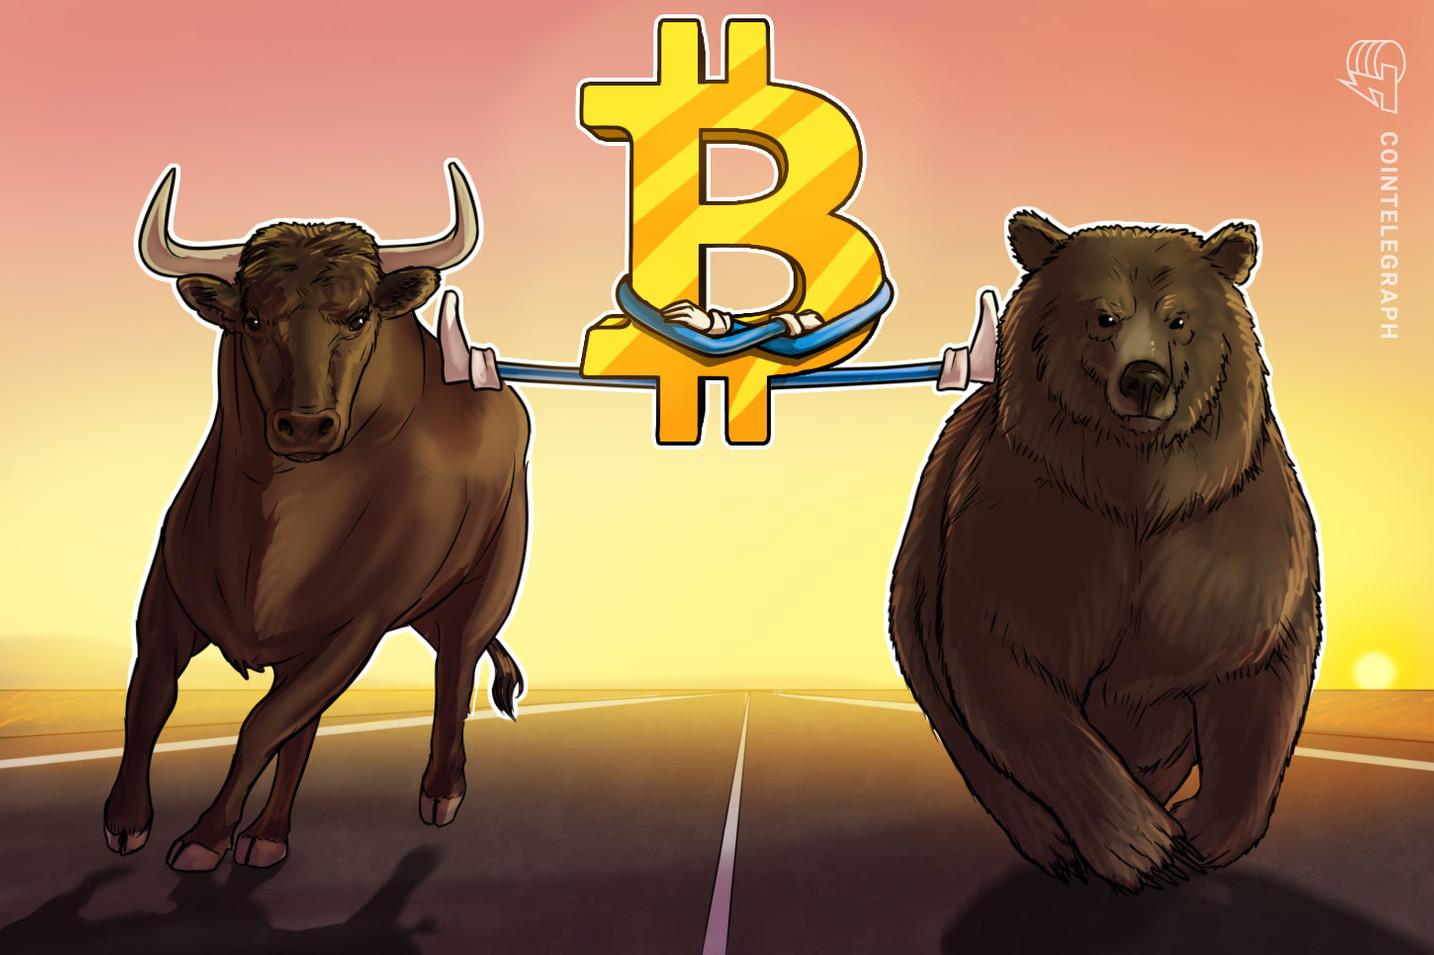 仮想通貨ビットコイン、再び12000ドルで拒否|「長期的上昇のために重要な動き」の声